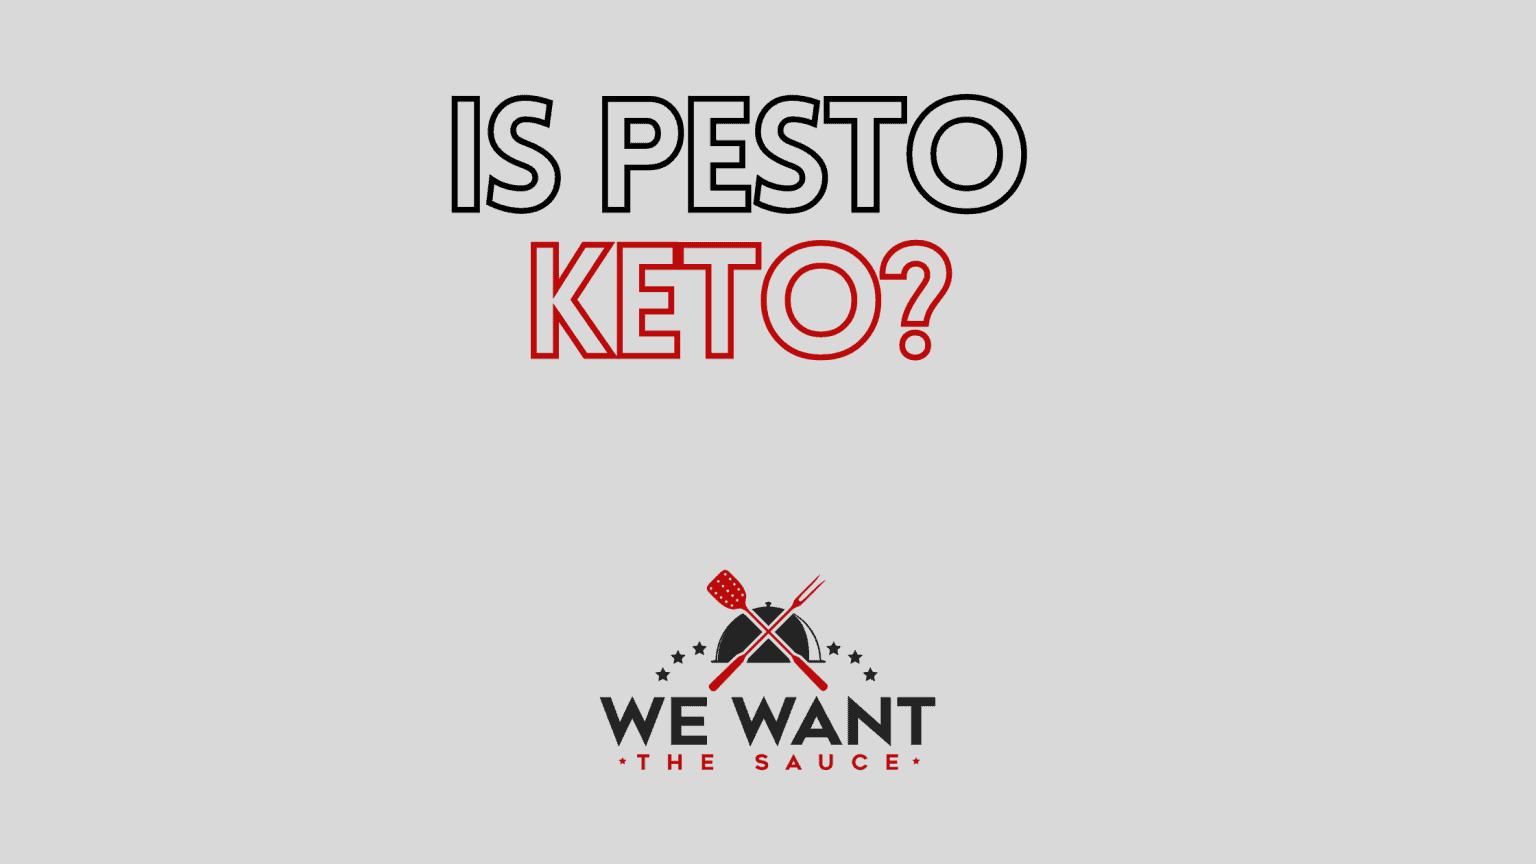 Is Pesto Keto?